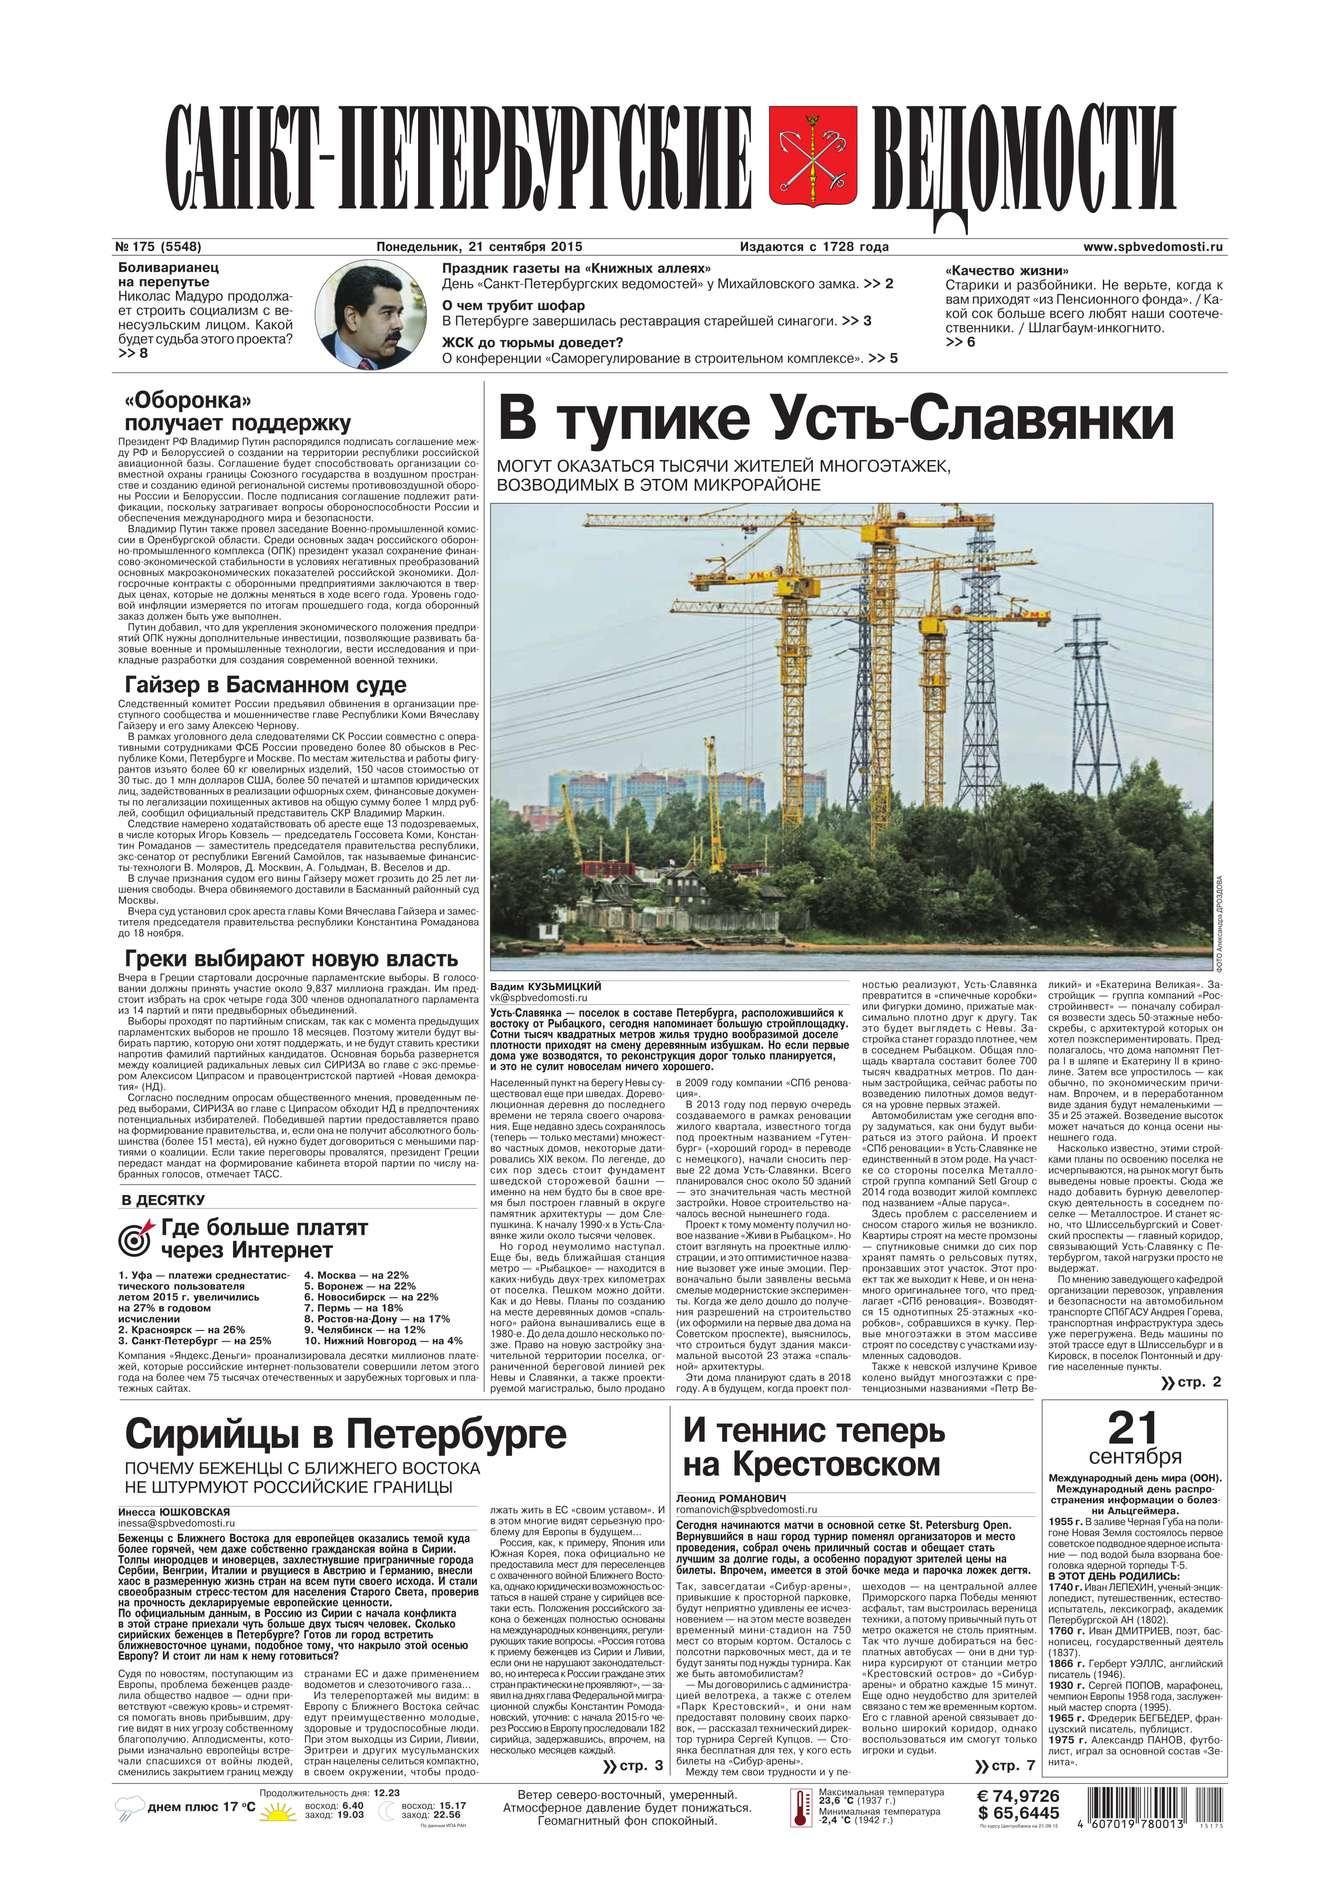 Санкт-Петербургские ведомости 175-2015